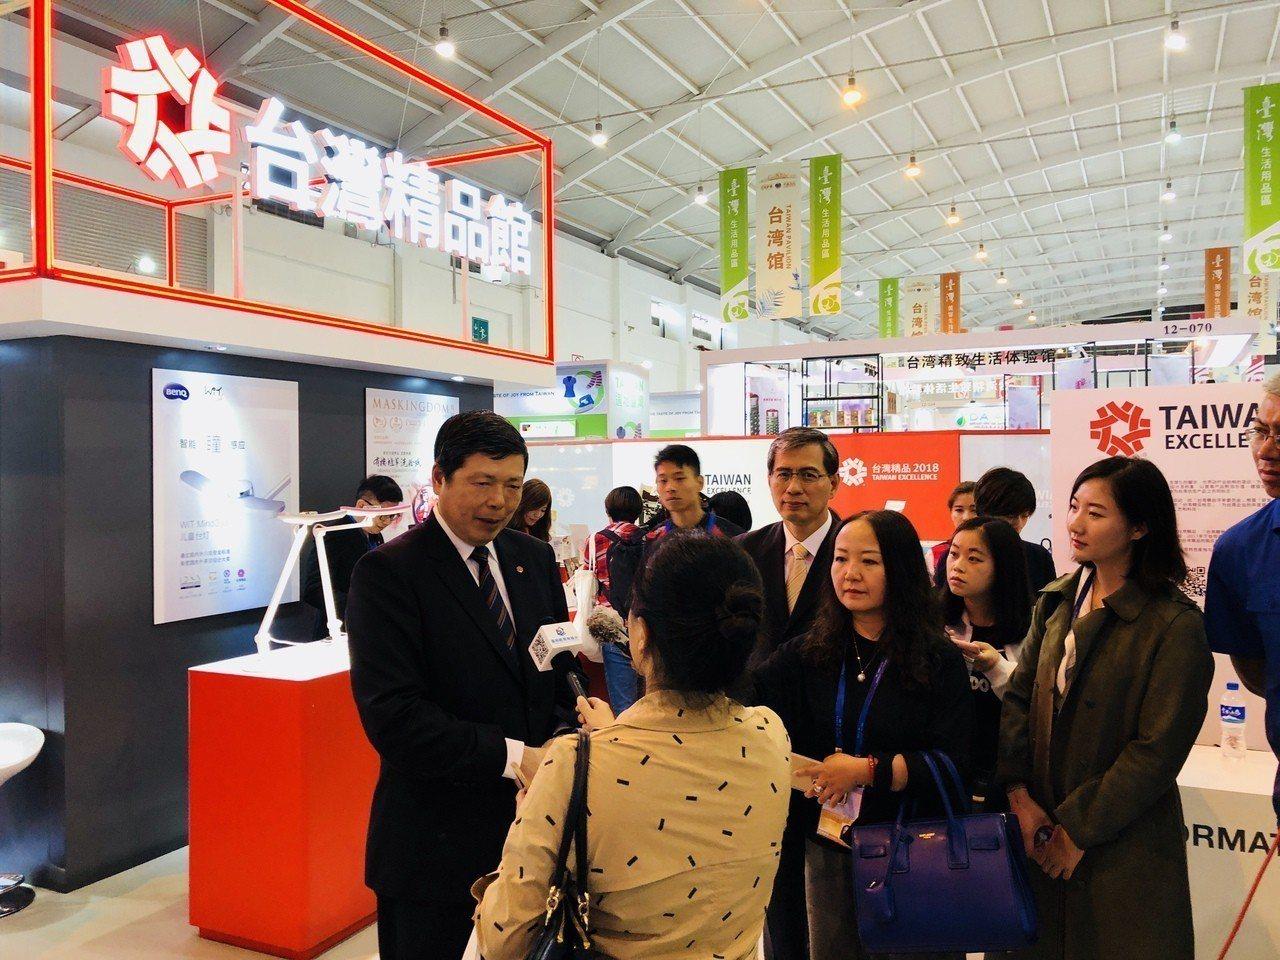 外貿協會秘書長葉明水率團前往雲南昆明參加14日登場的「2018年中國南亞博覽會」...